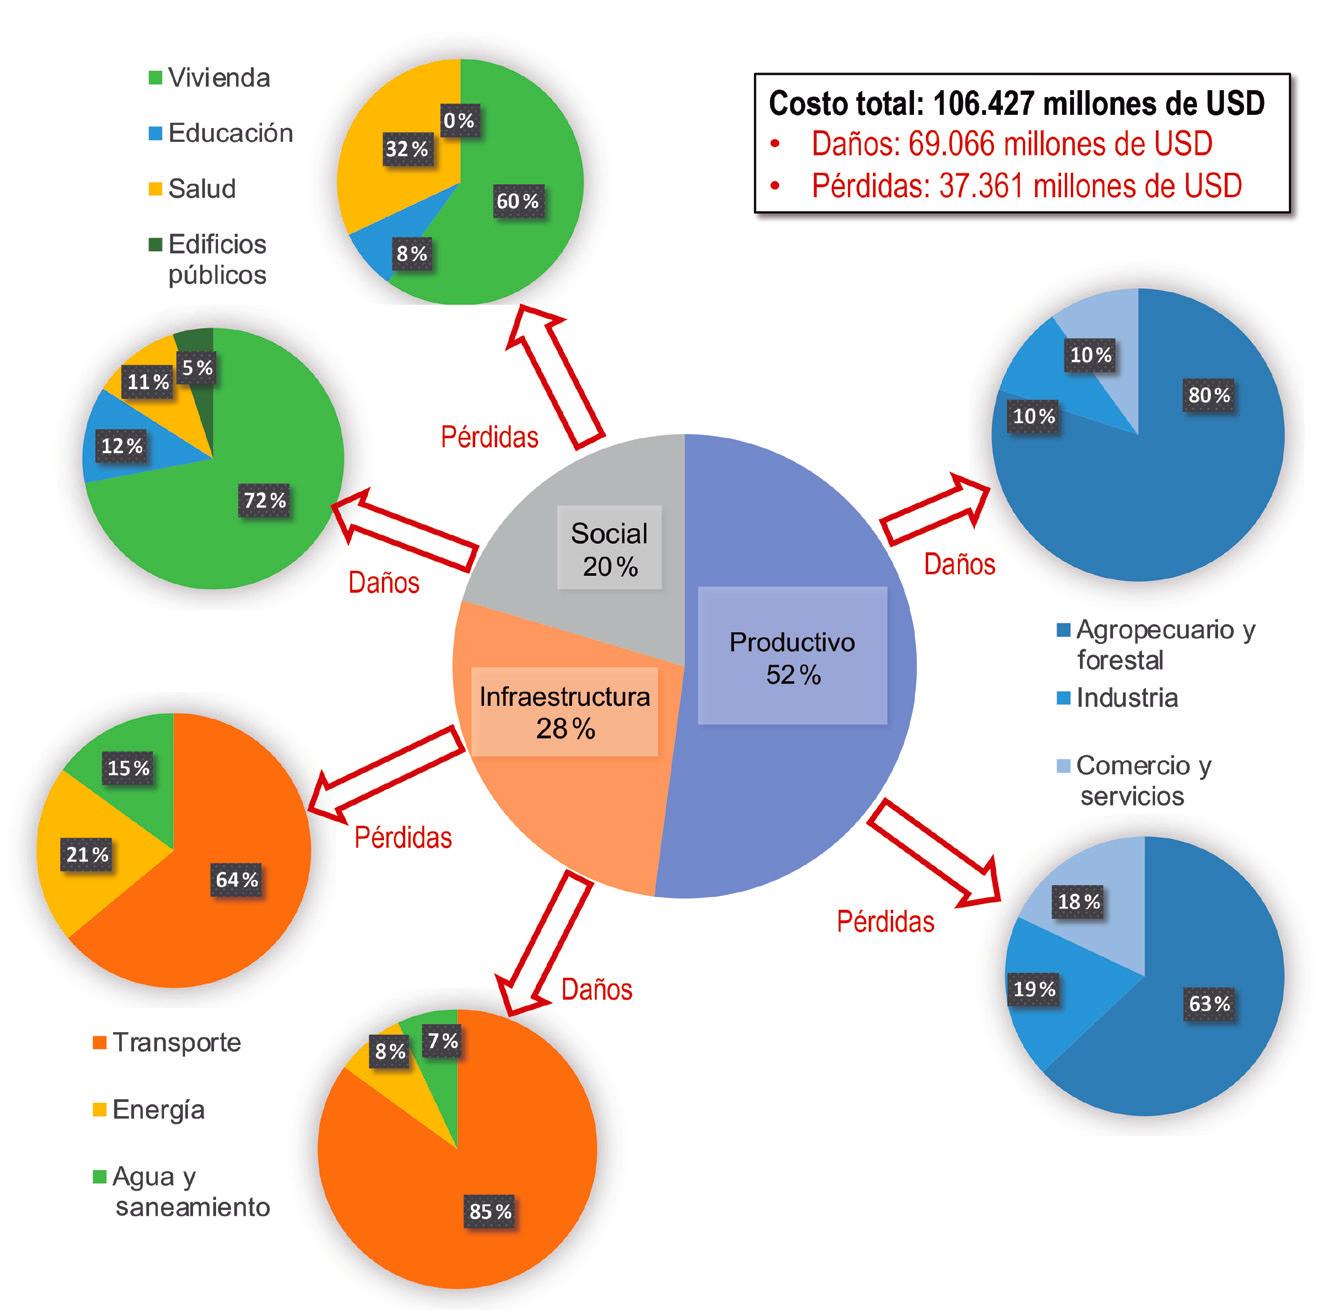 Distribución porcentual de los costos por daños y pérdidas debidos a desastres climatológicos en los distintos sectores productivos de América Latina y el Caribe entre 1972 y 2010. Fuente: elaboración propia con datos de CEPAL (Bello et ál., 2014).